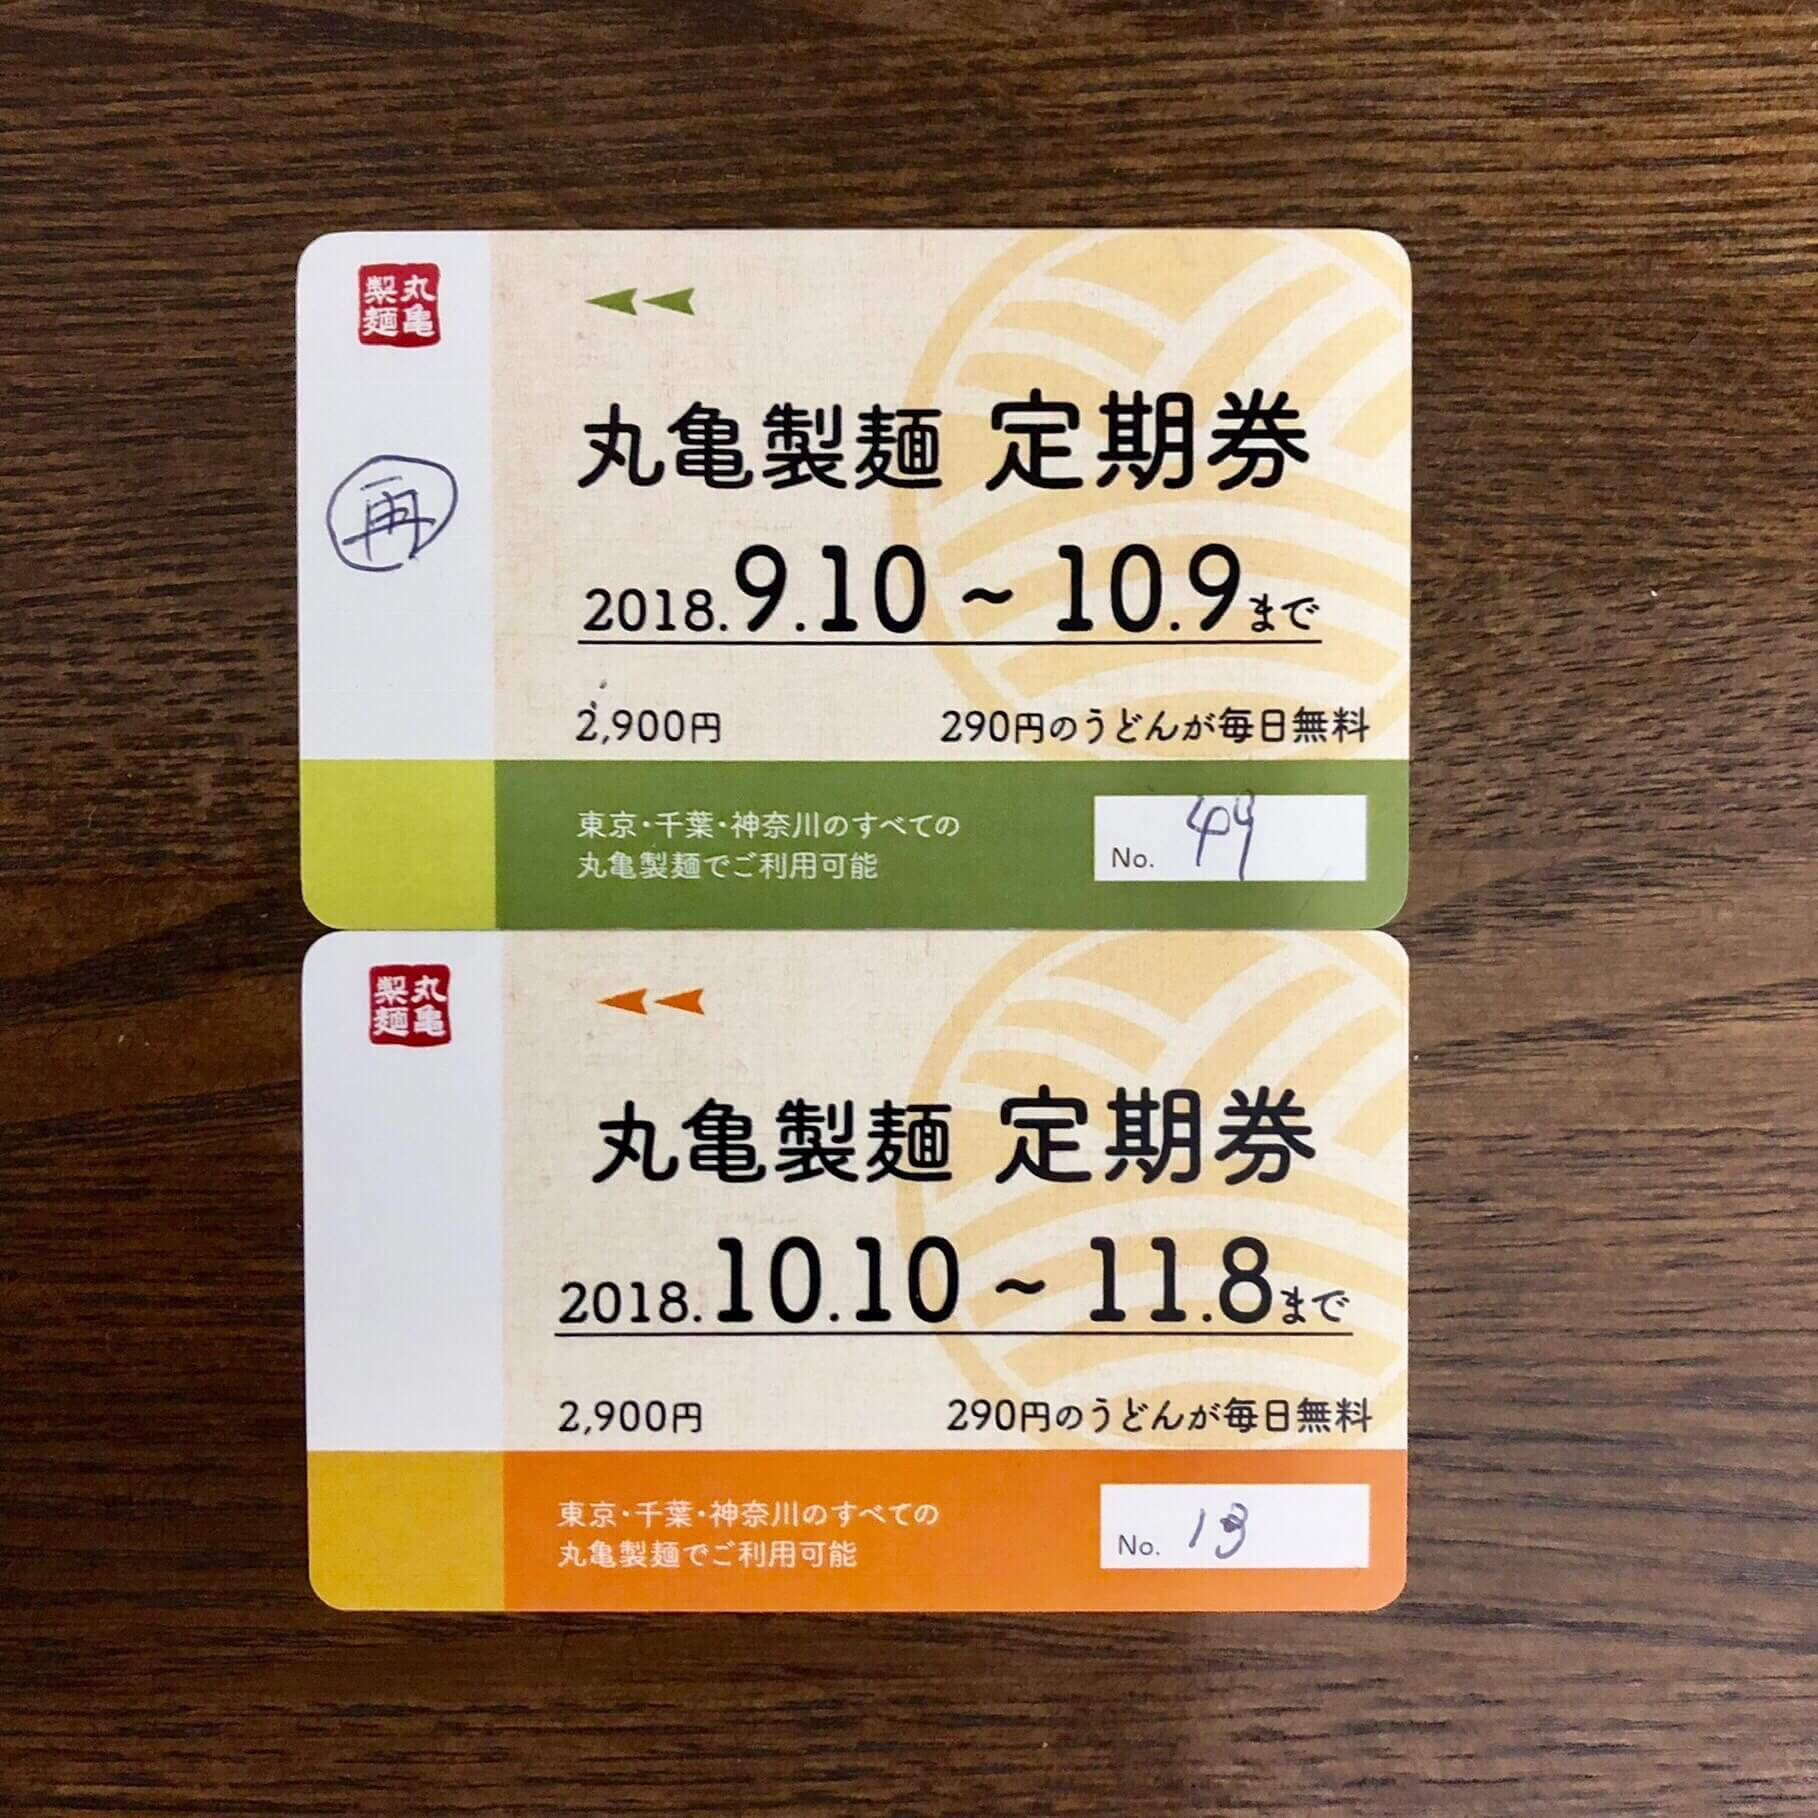 丸亀製麺 うどん定期券